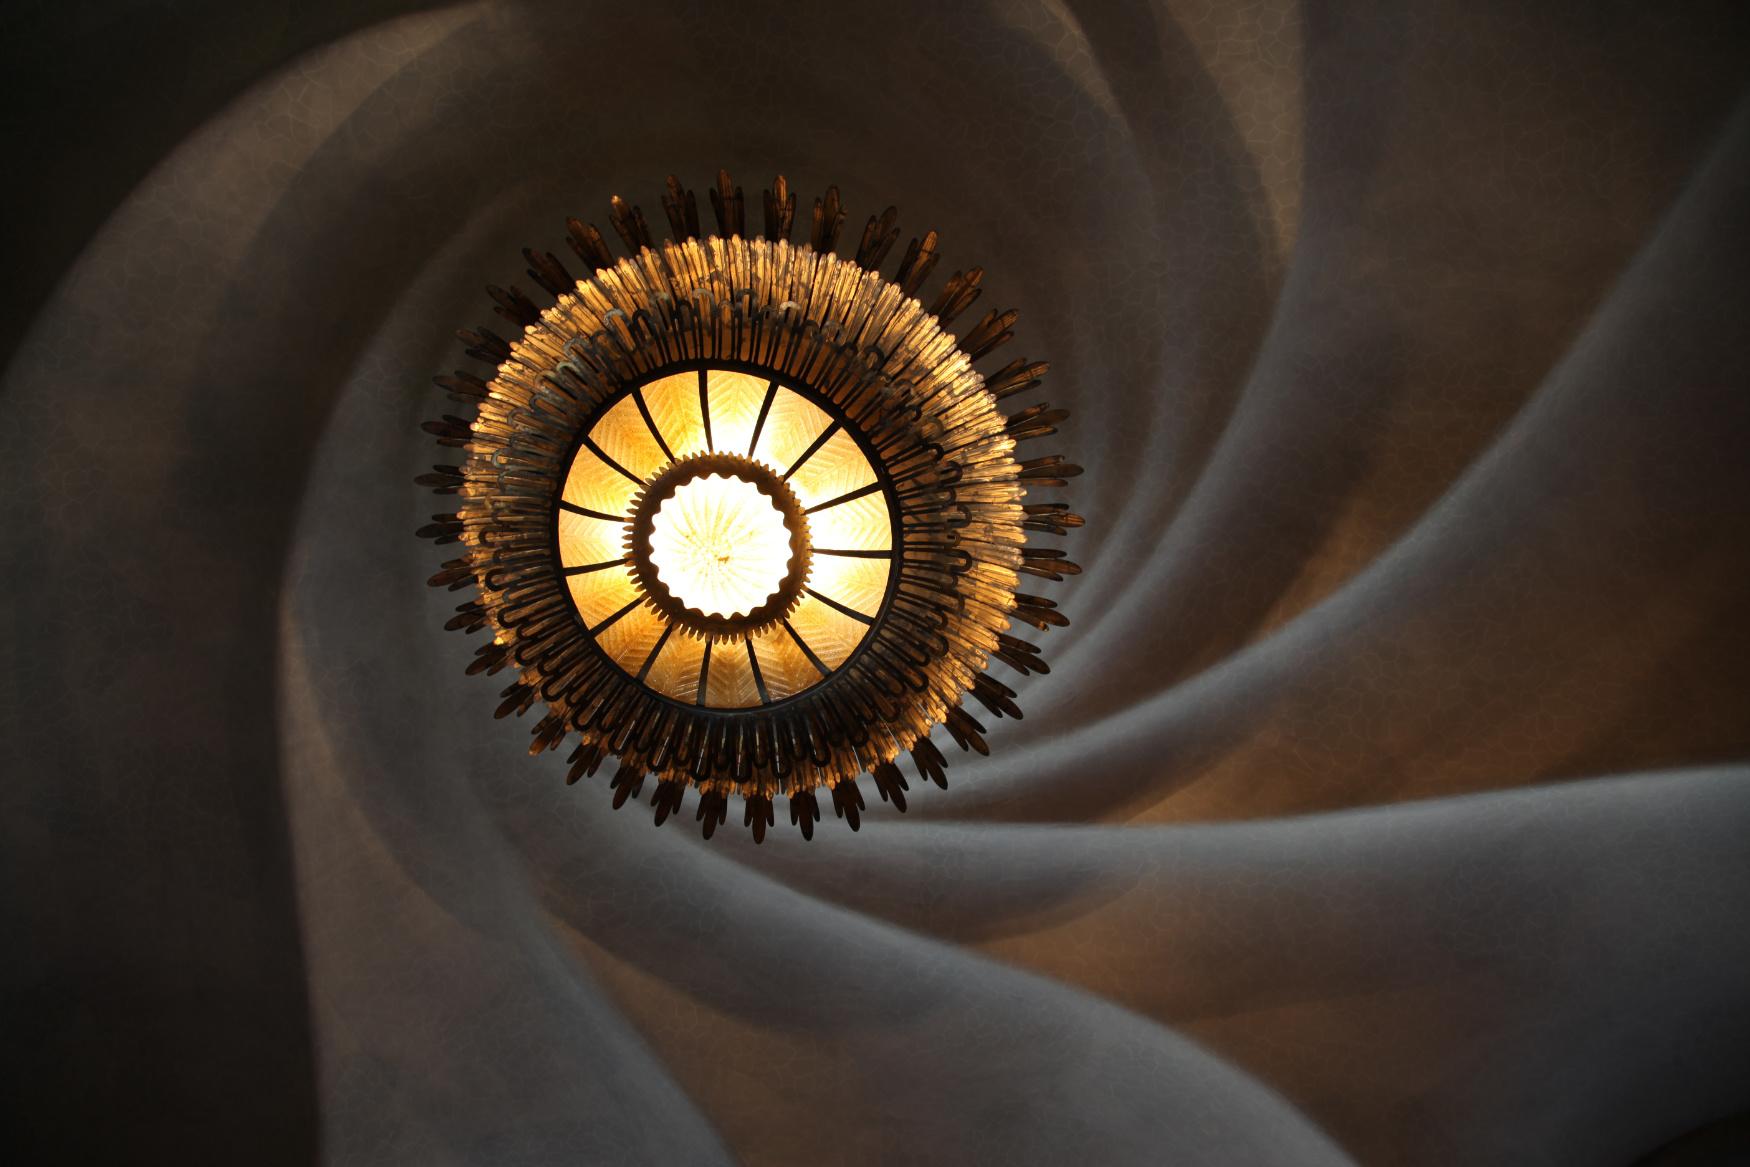 Stairway, Spainish museum